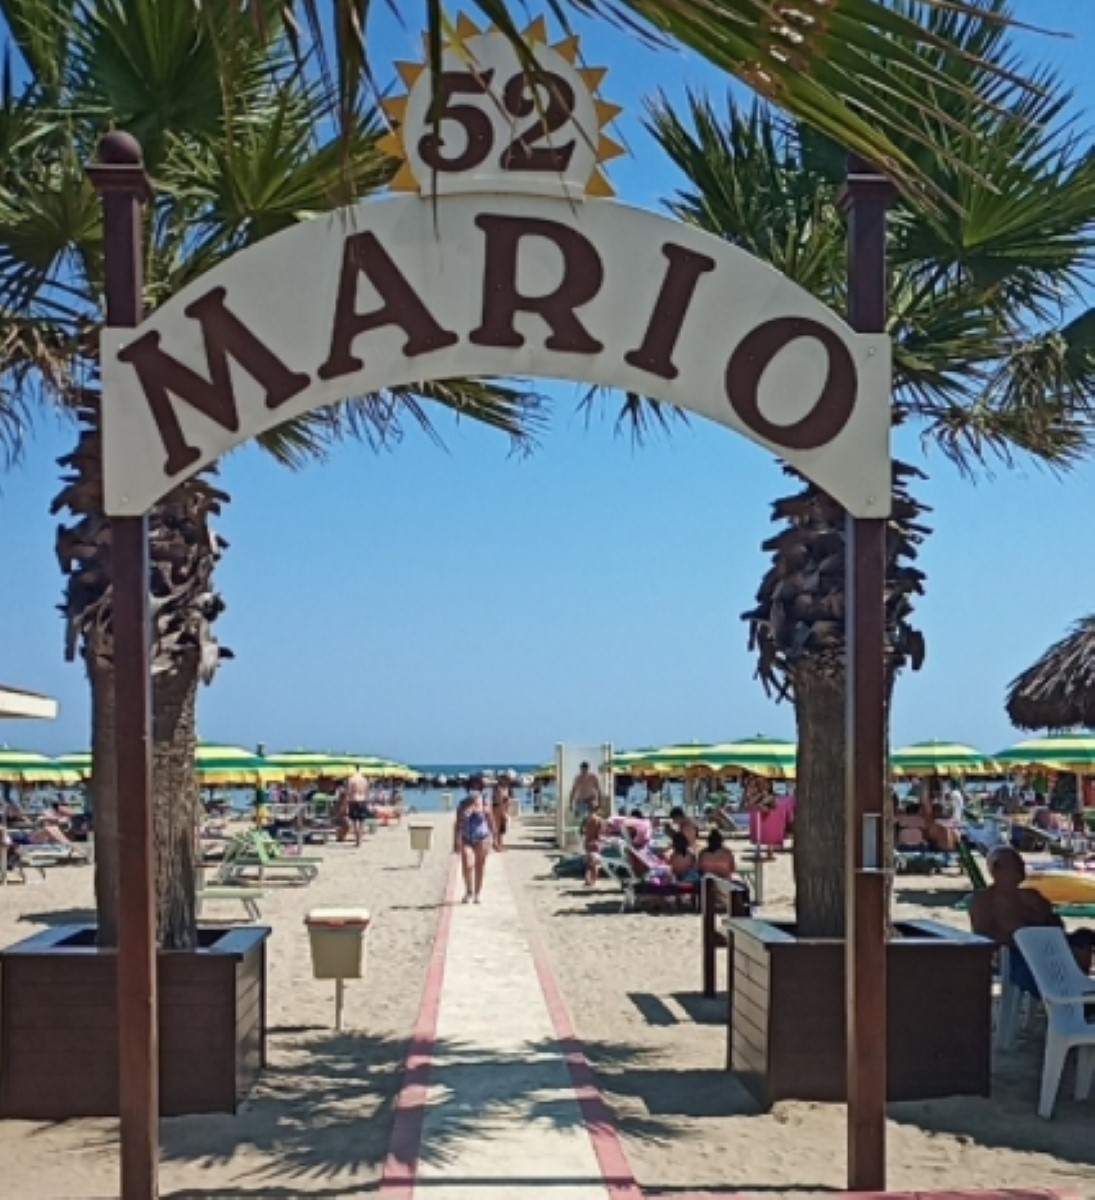 Bagno Mario 52